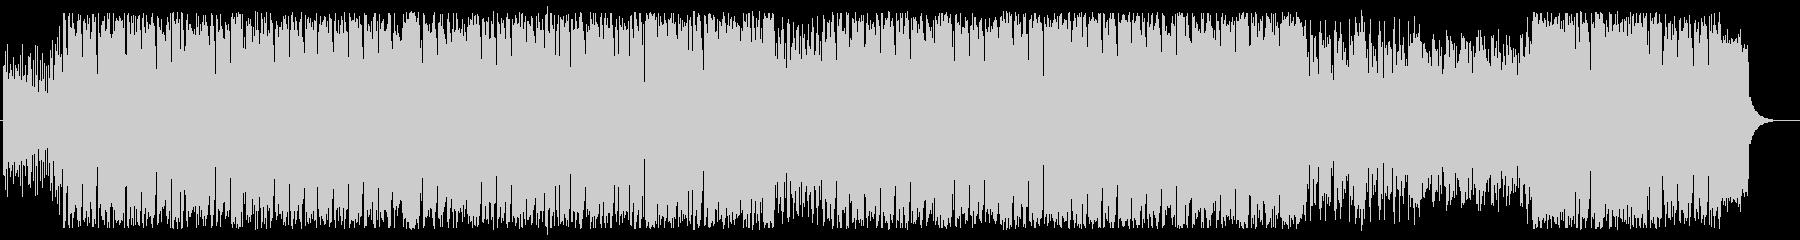 エスニックなフュージョンポップの未再生の波形